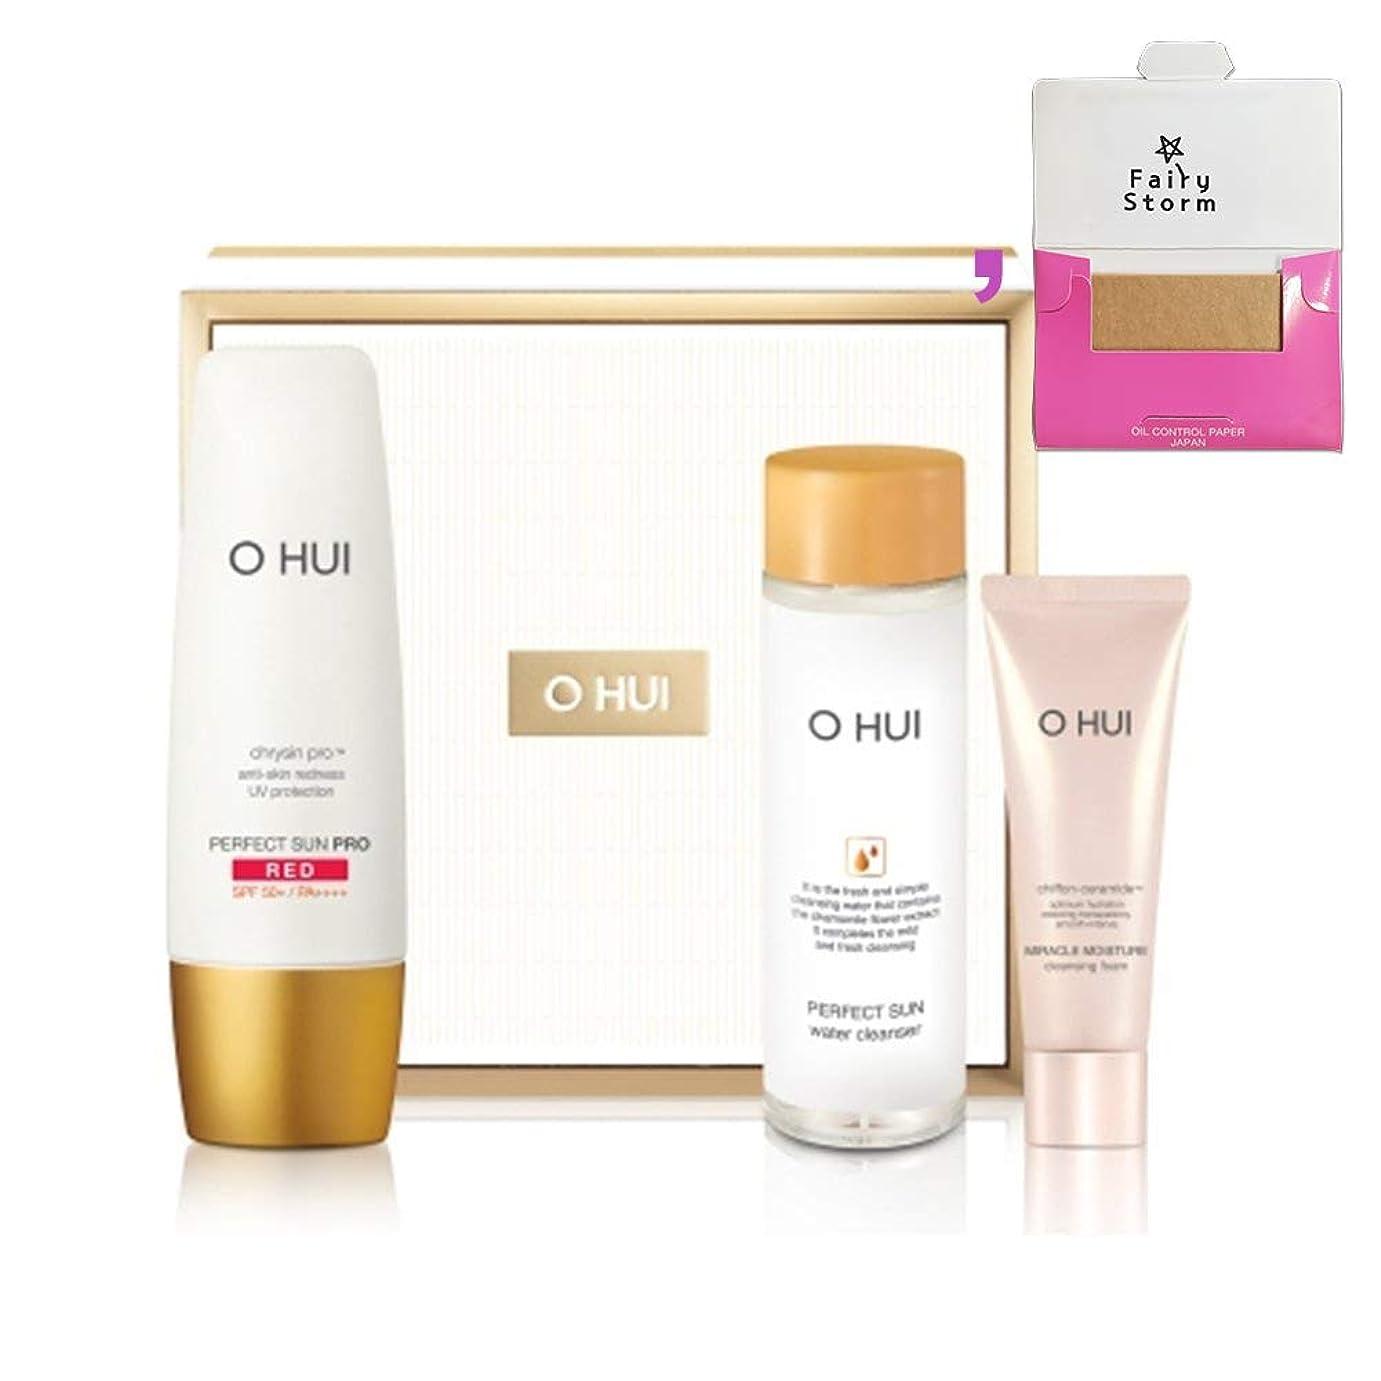 剪断通訳運営[オフィ/O HUI]韓国化粧品 LG生活健康/OHUI PERFECT SUN Pro RED Special Set/O HUI パーフェクト サン プロ レッド 企画 17感謝 (SPF50+/PA+++) 50ml スペシャルセット +[Sample Gift](海外直送品)